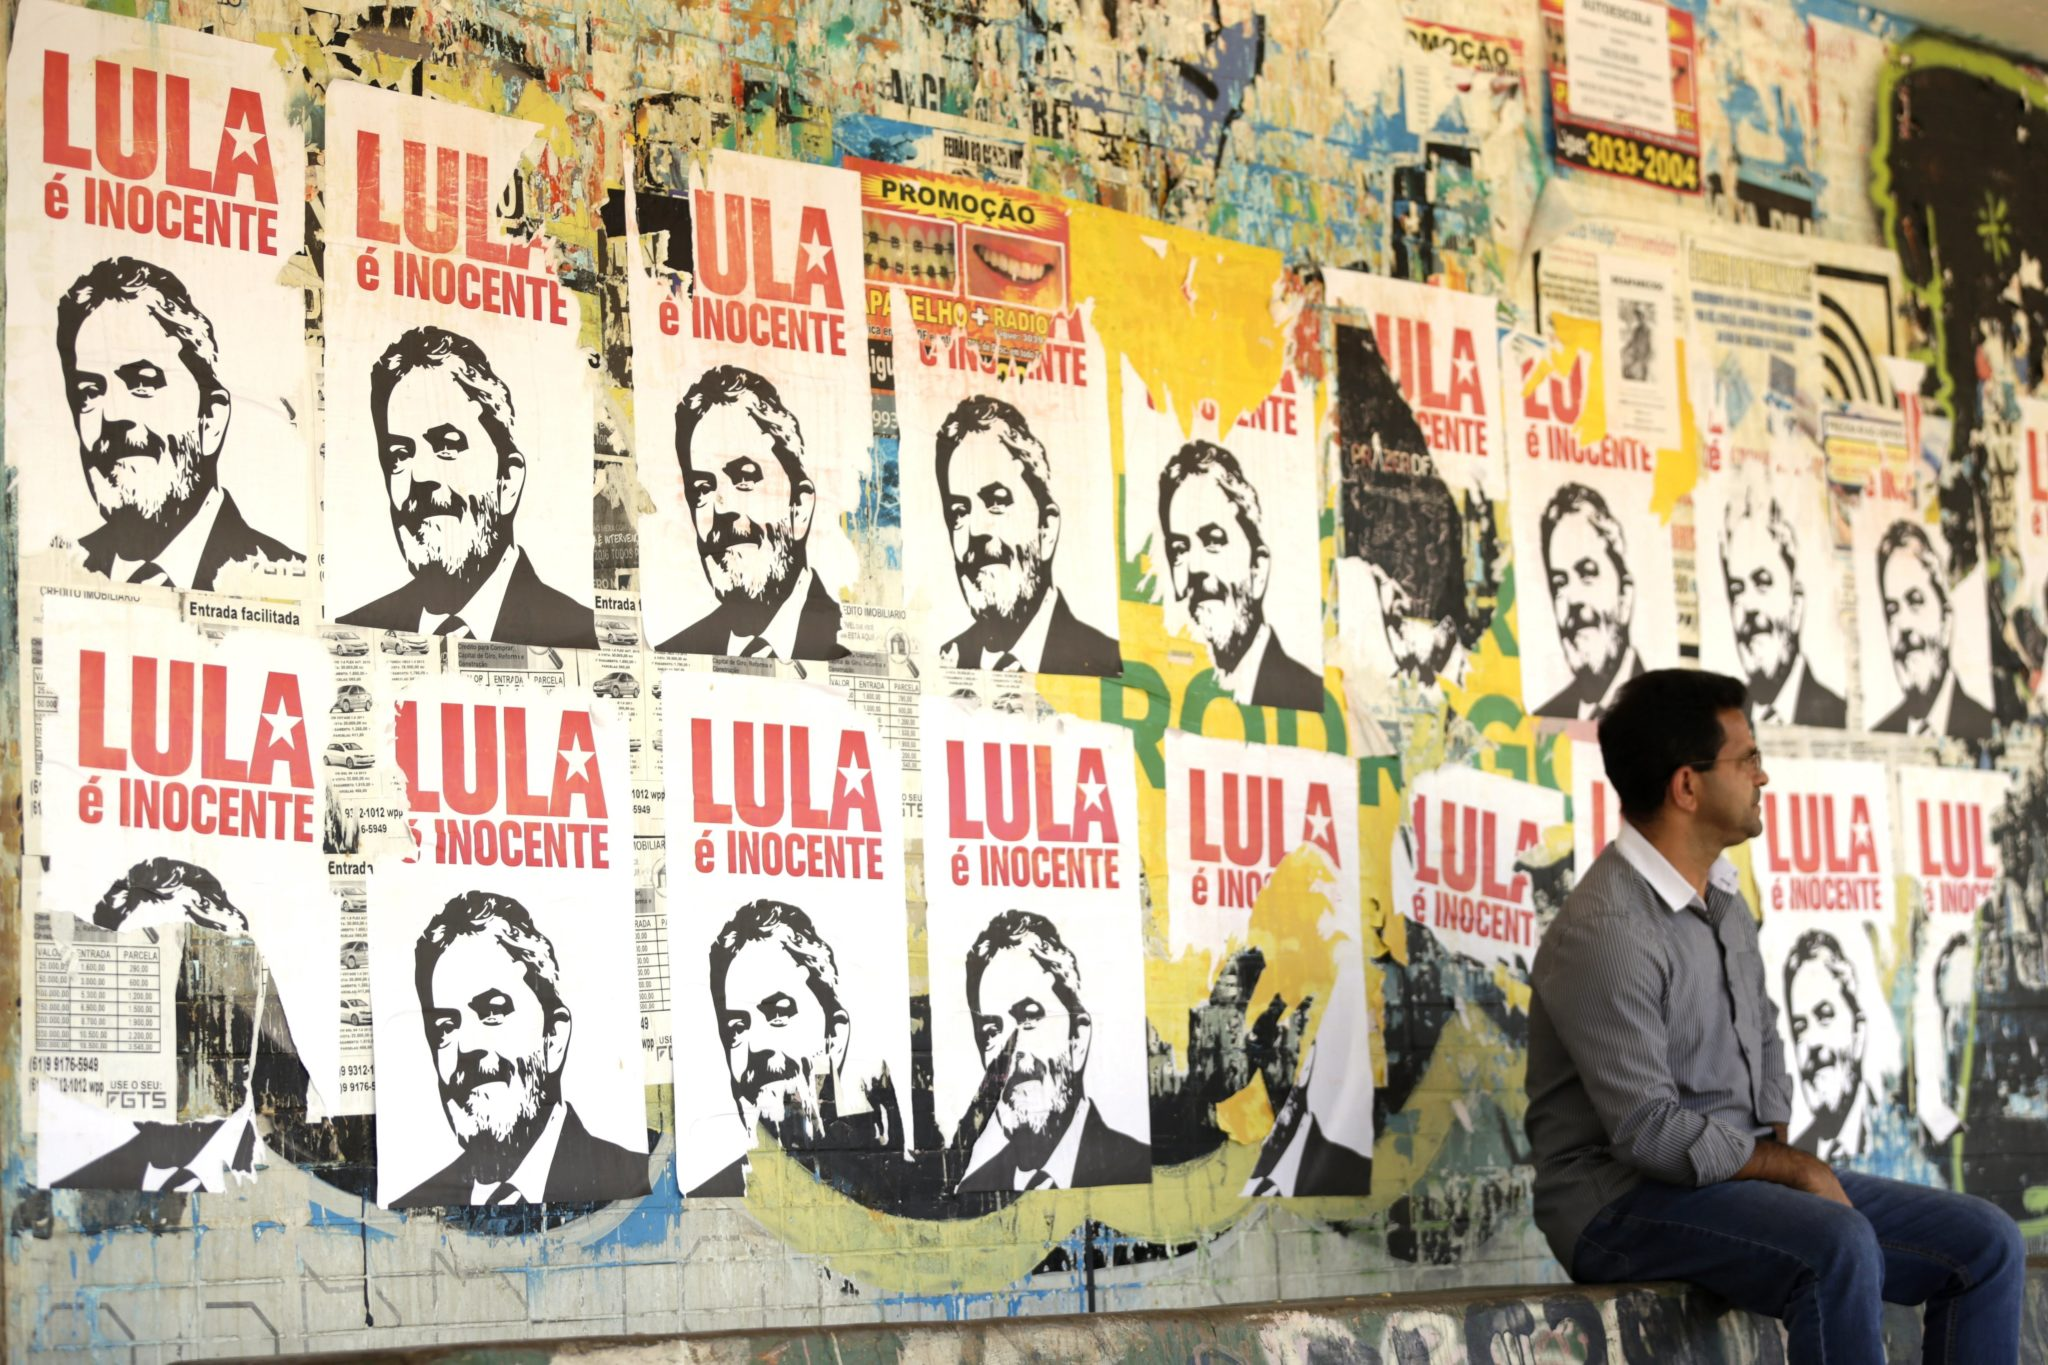 Plakaty z byłym brazylijskim prezydentem Luiza Inacio Lula da Silva z napisem